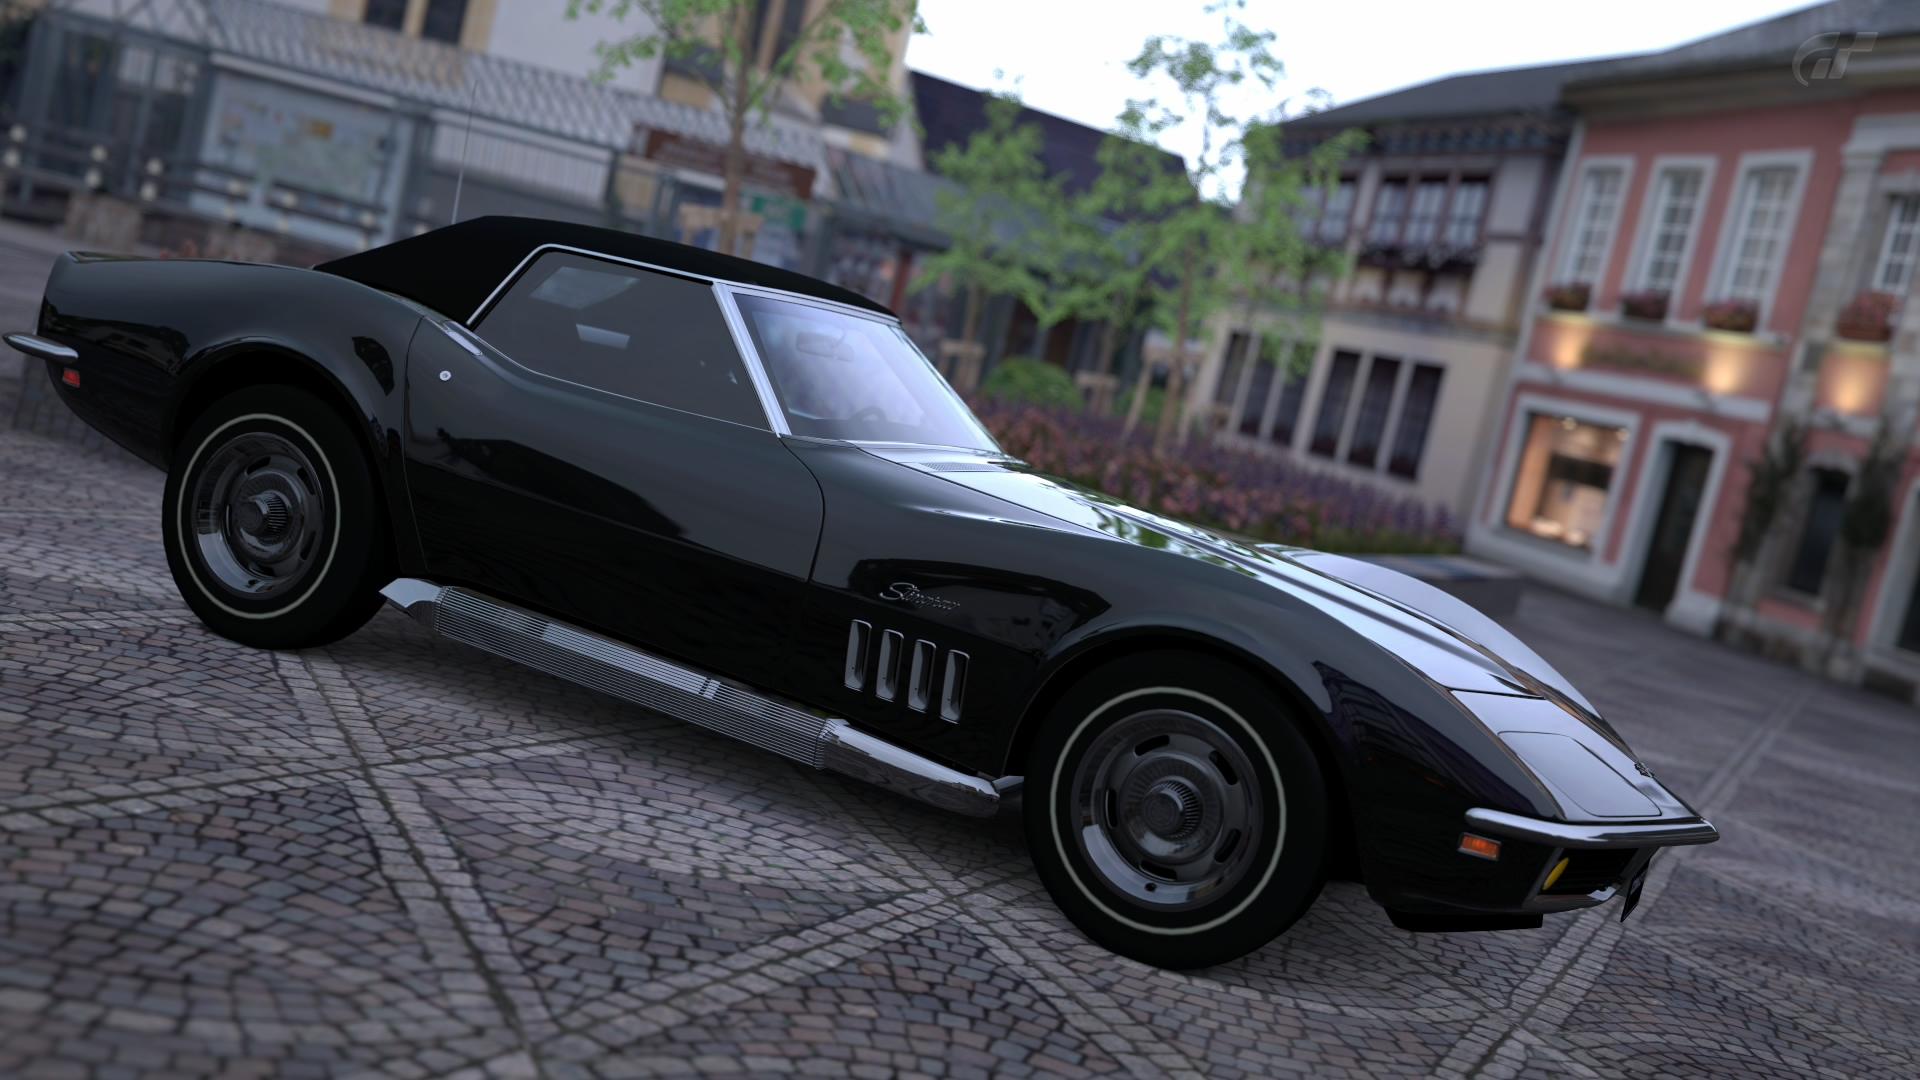 1969 Chevrolet Corvette C3 Coupe Ps4wallpapers Com